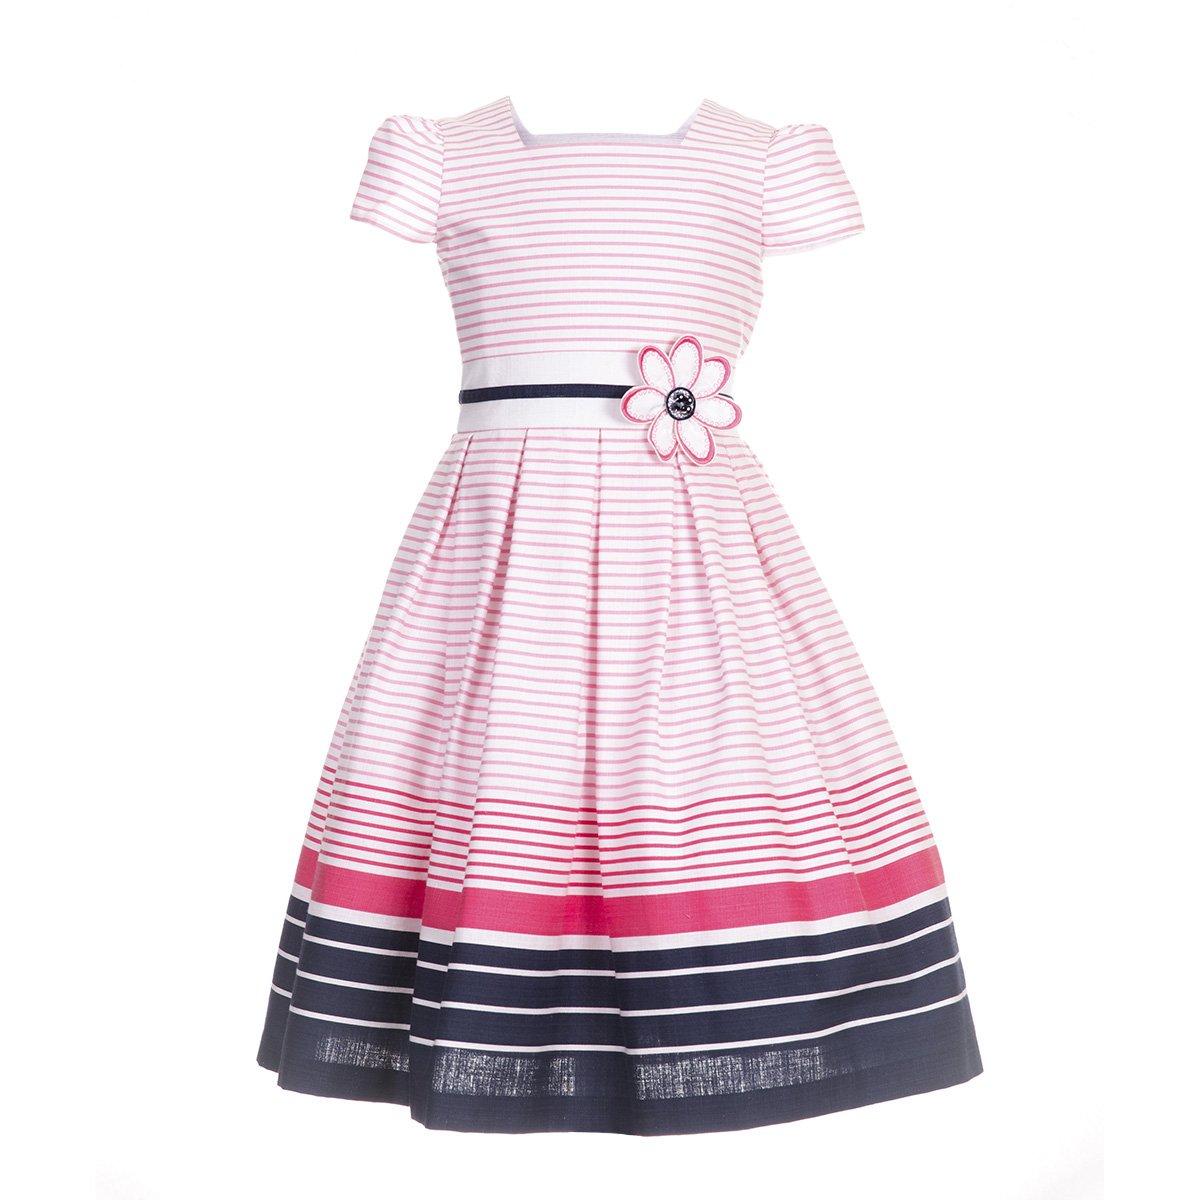 Vestido con aplicación Jessy Franz | SEARS.COM.MX - Me entiende!